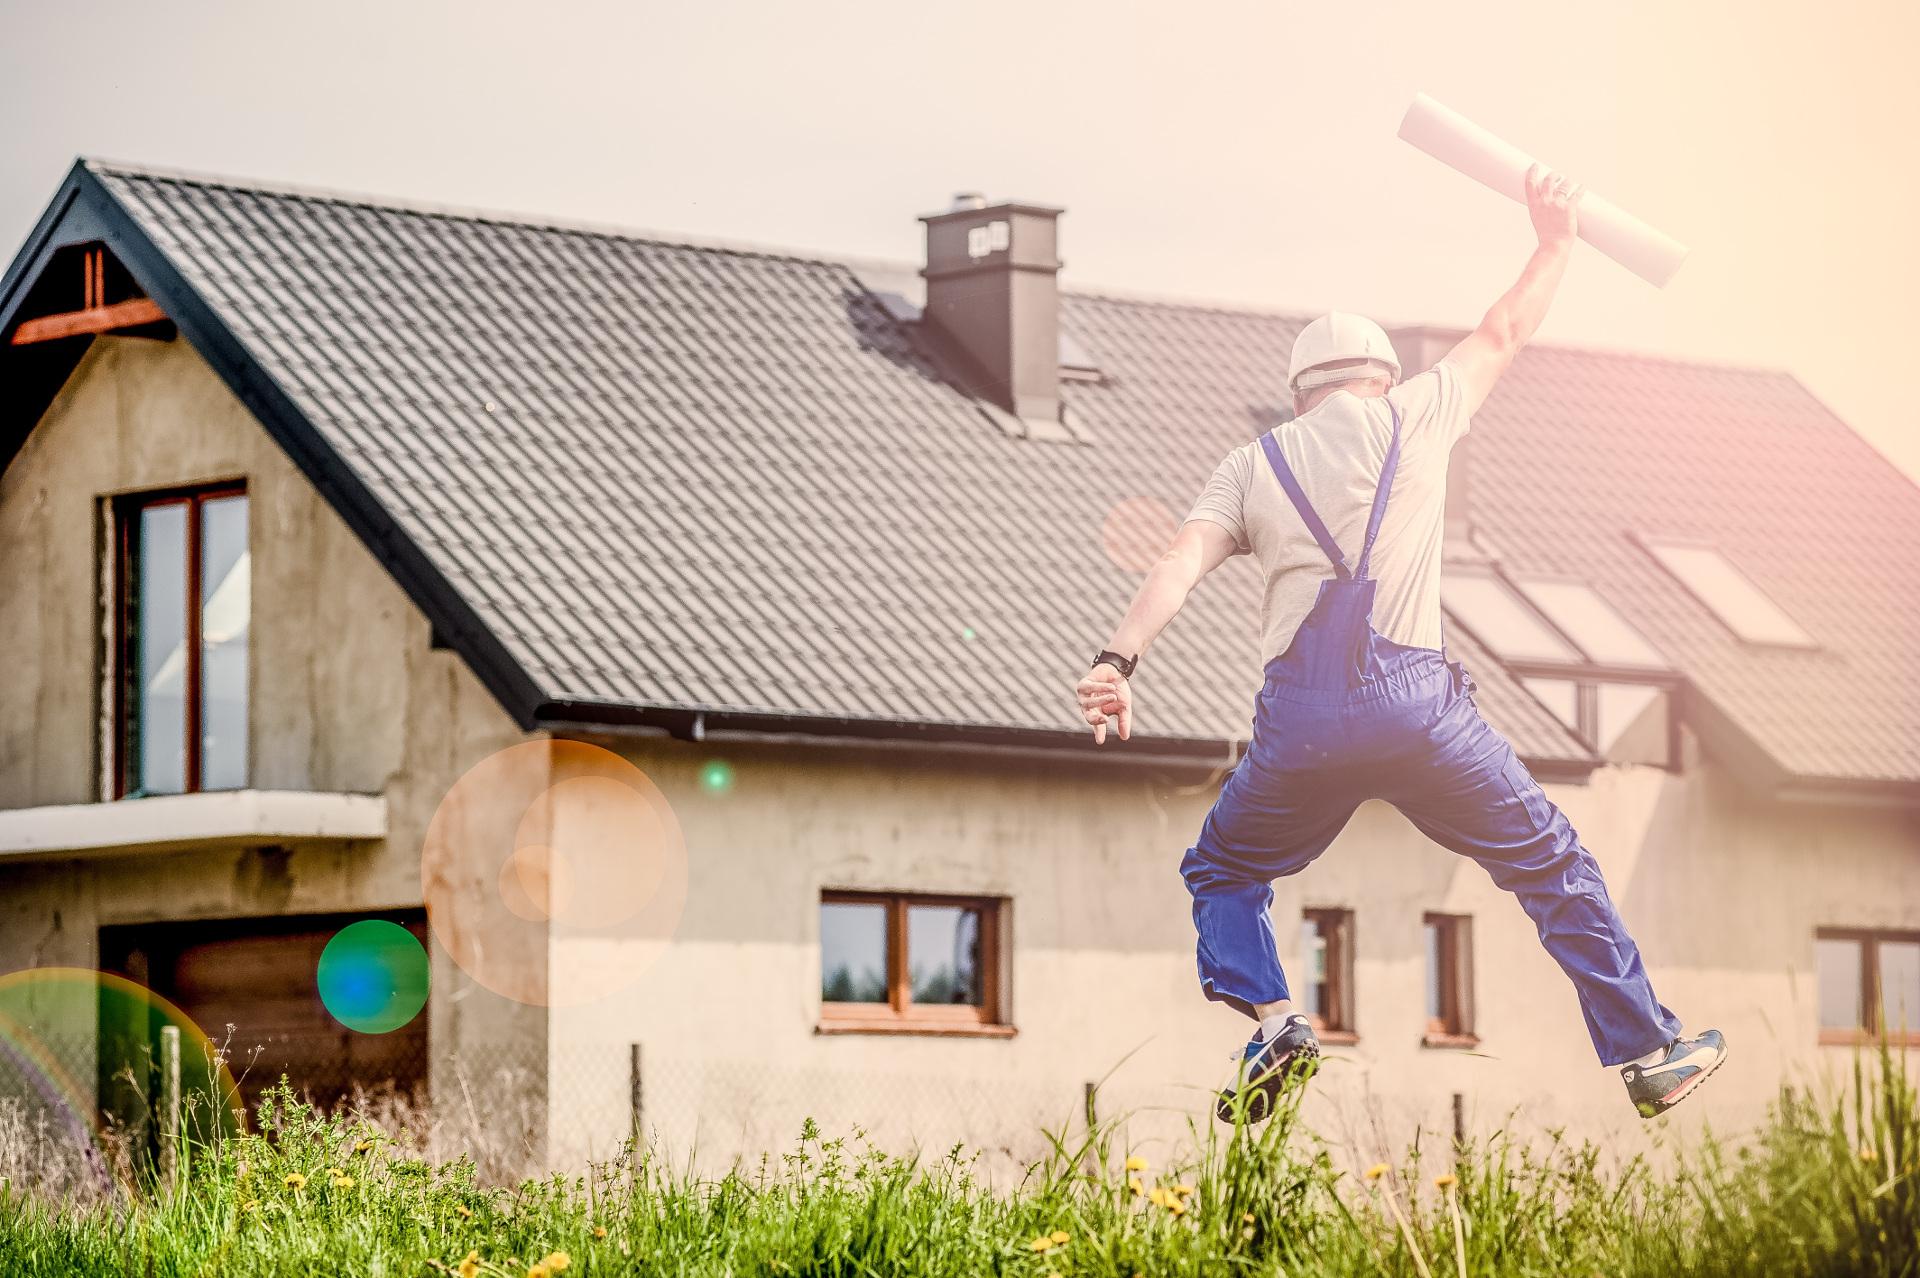 Imagen mostrando la felicidad por completar un proyecto.